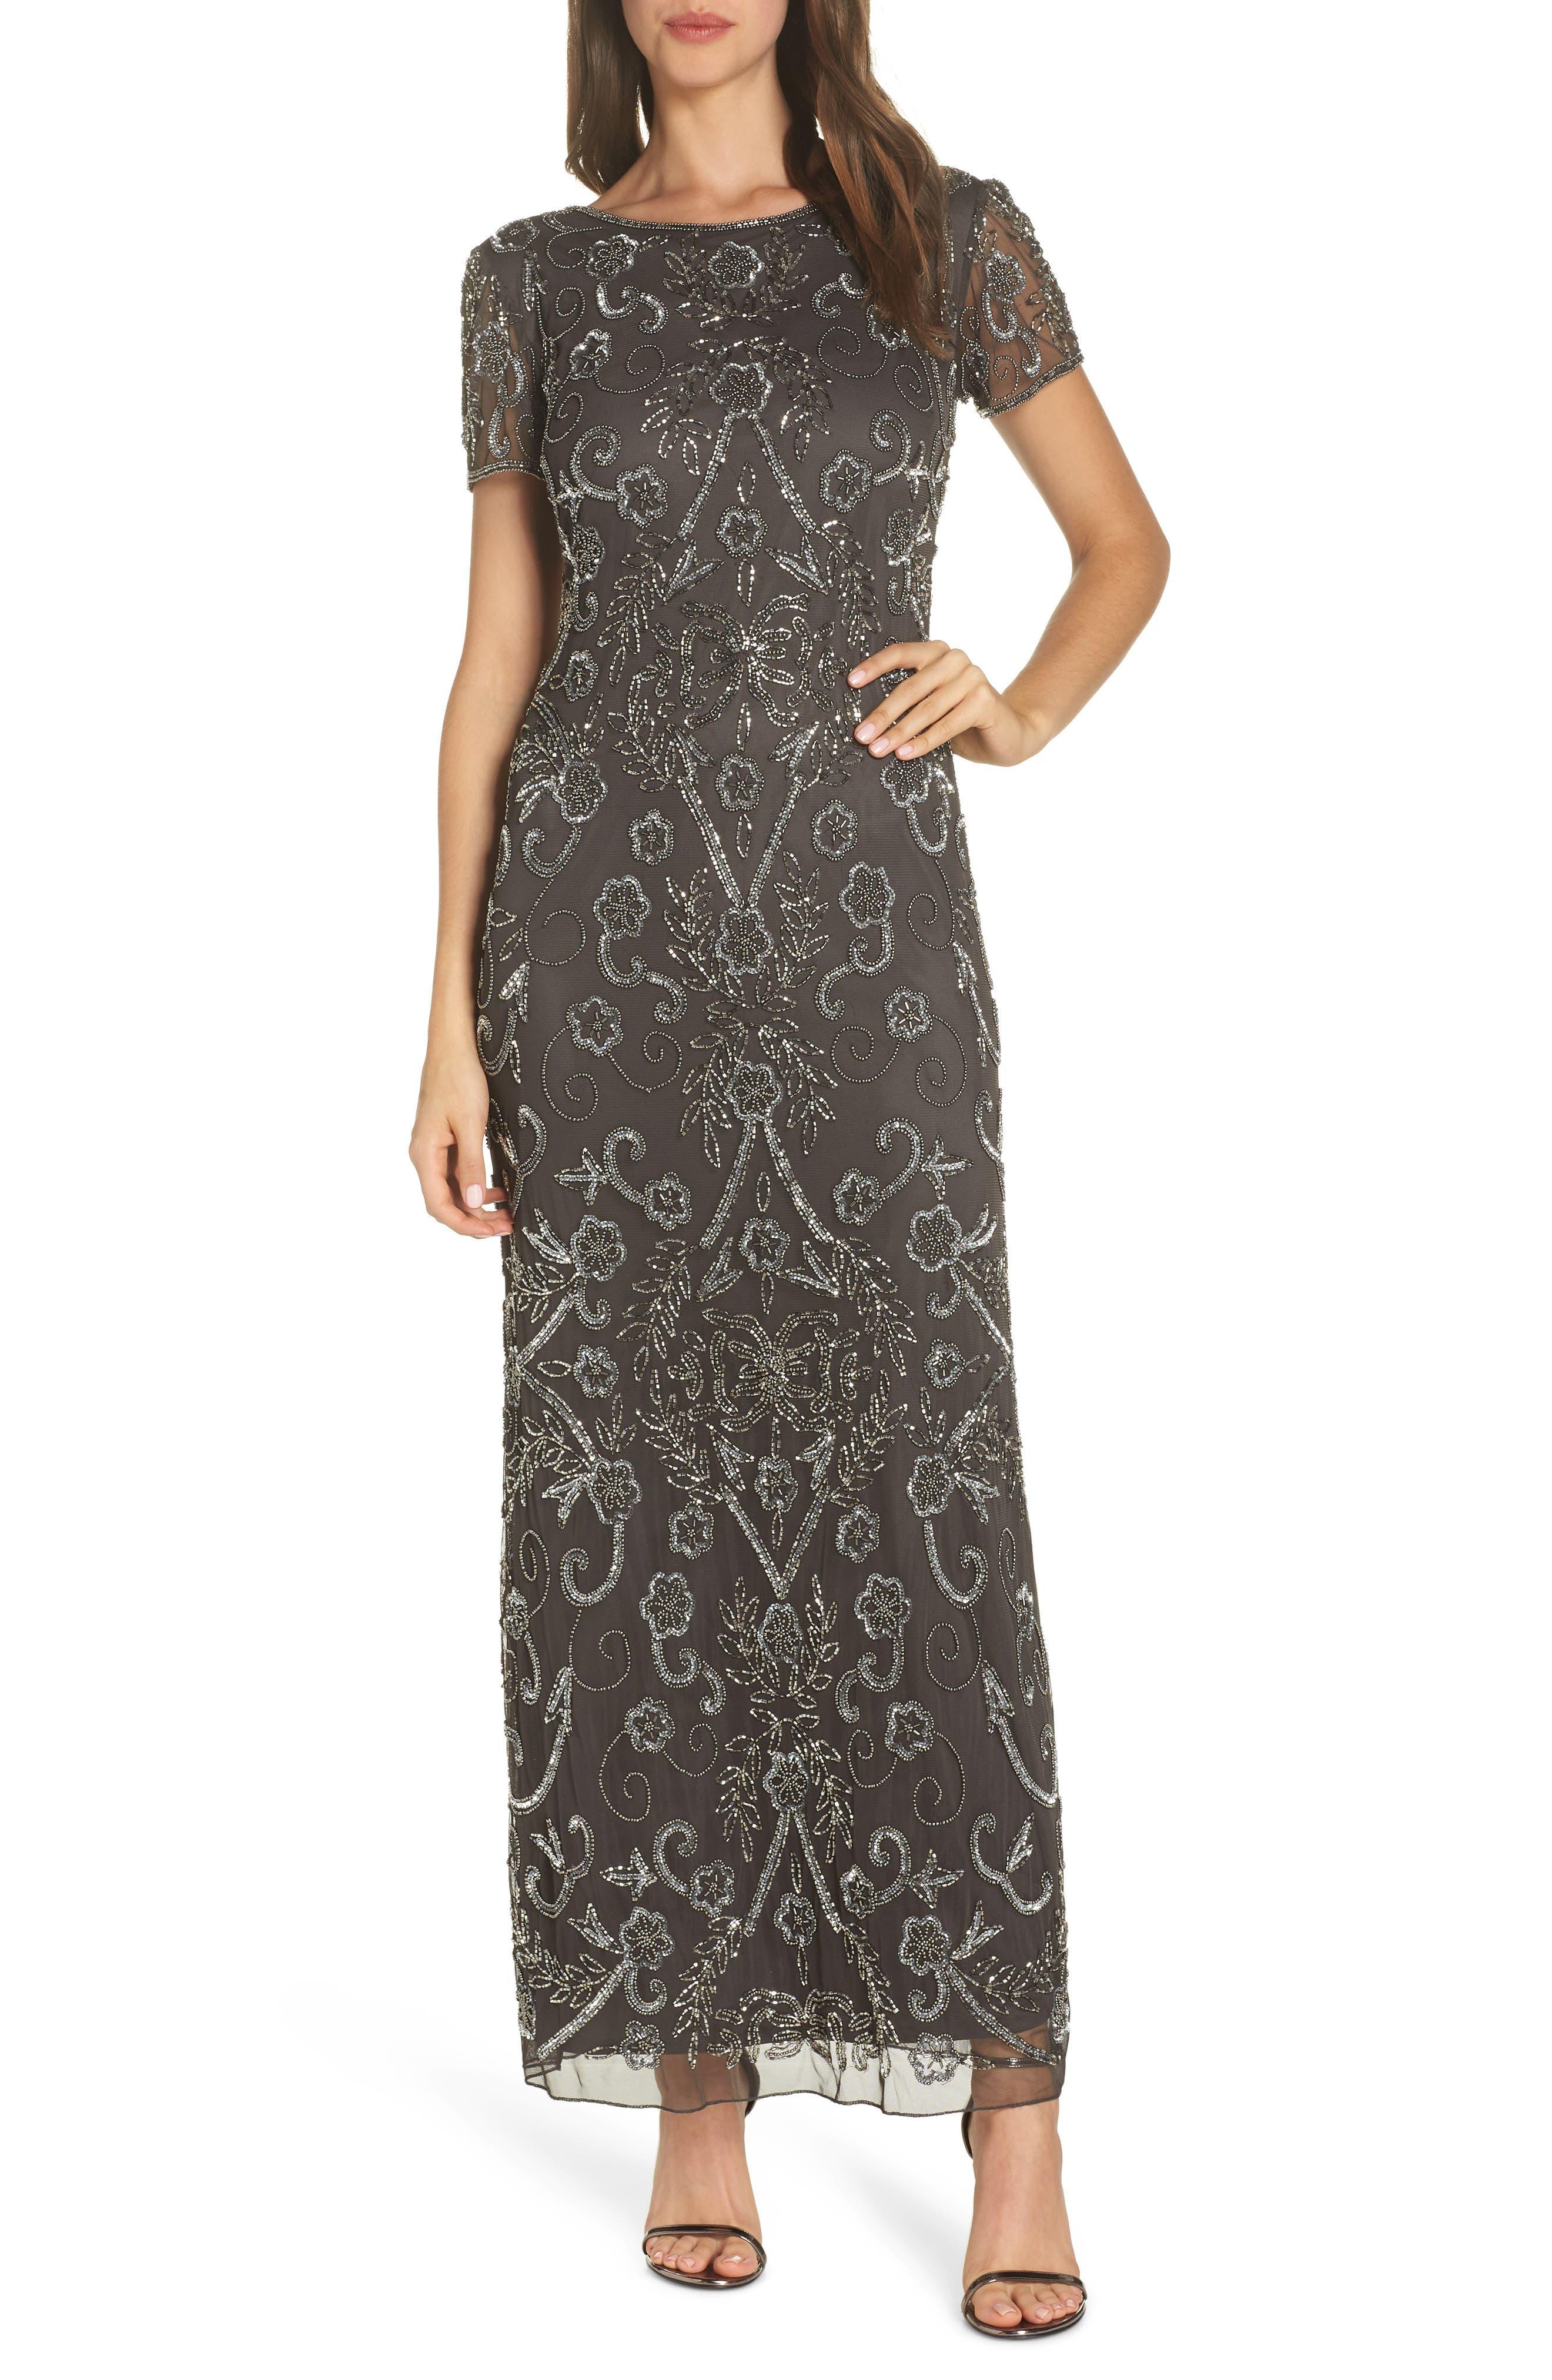 PISARRO NIGHTS Embellished Mesh Evening Dress, Main, color, SLIVER / GREY